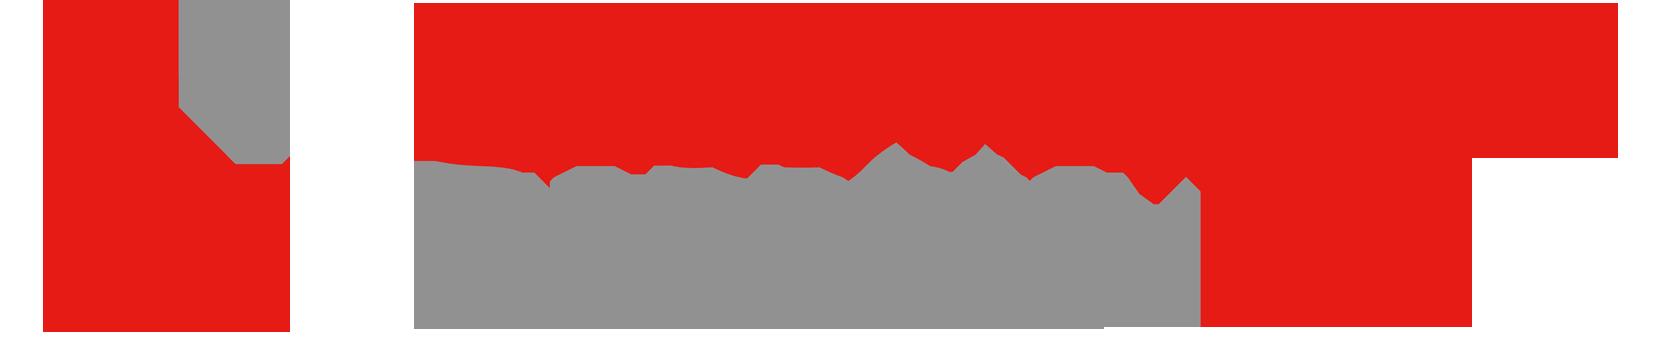 Clúster TIC Galicia